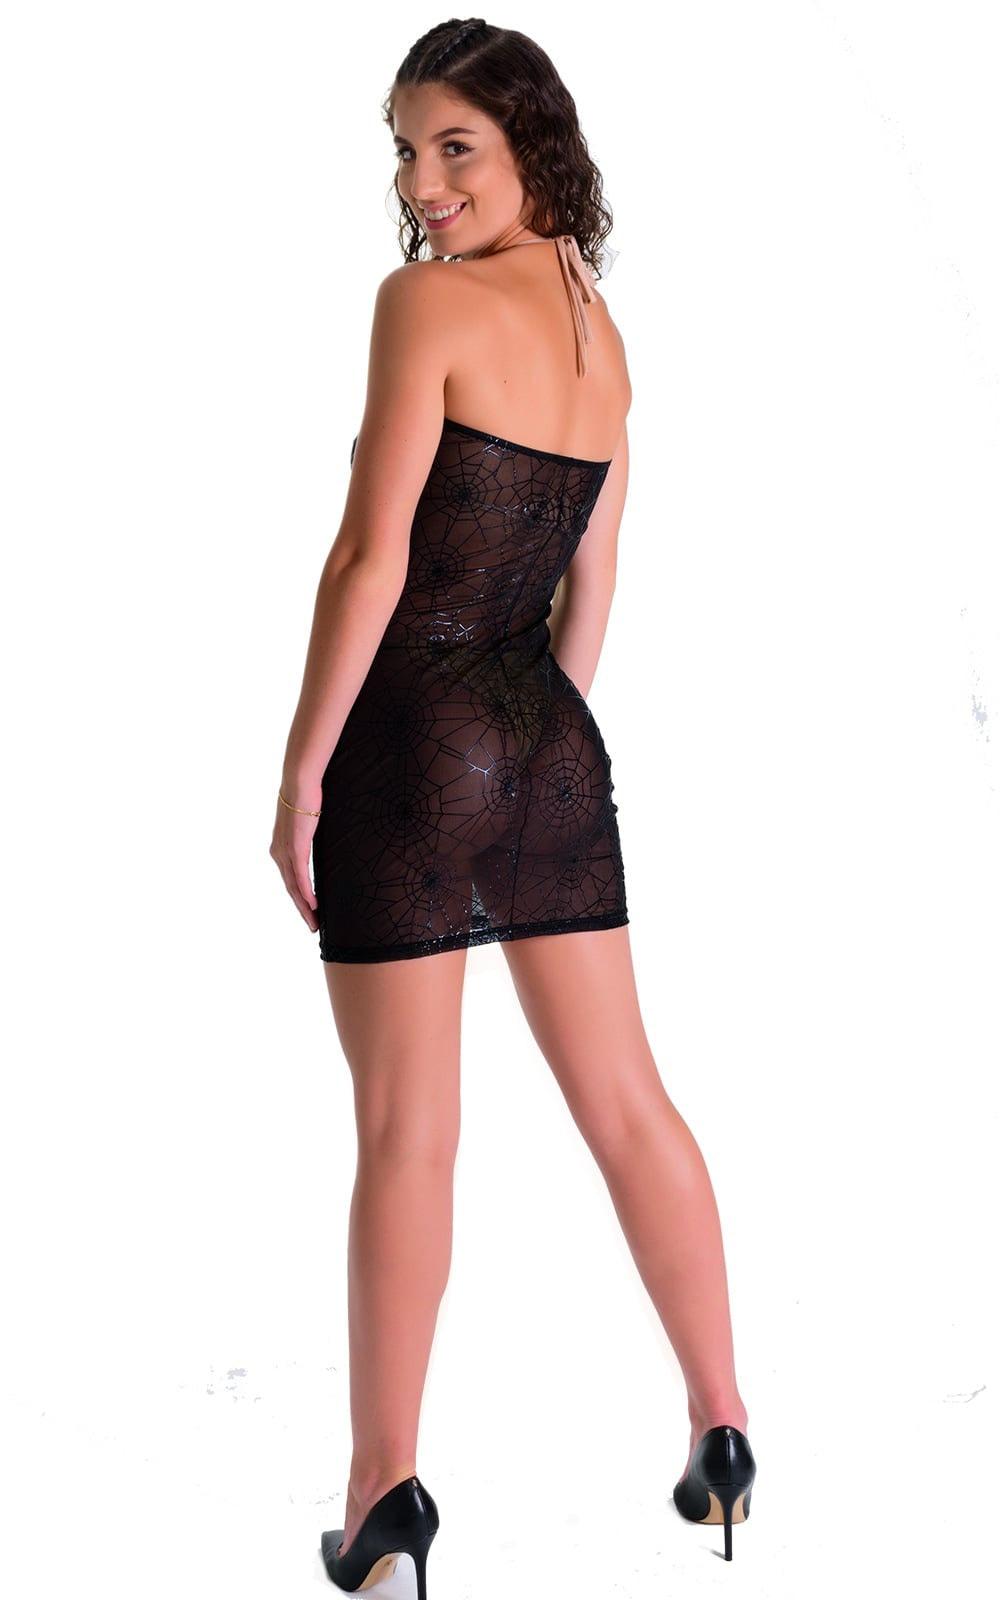 Mini Strapless Bodycon Dress in Black Spiderweb Mesh 4